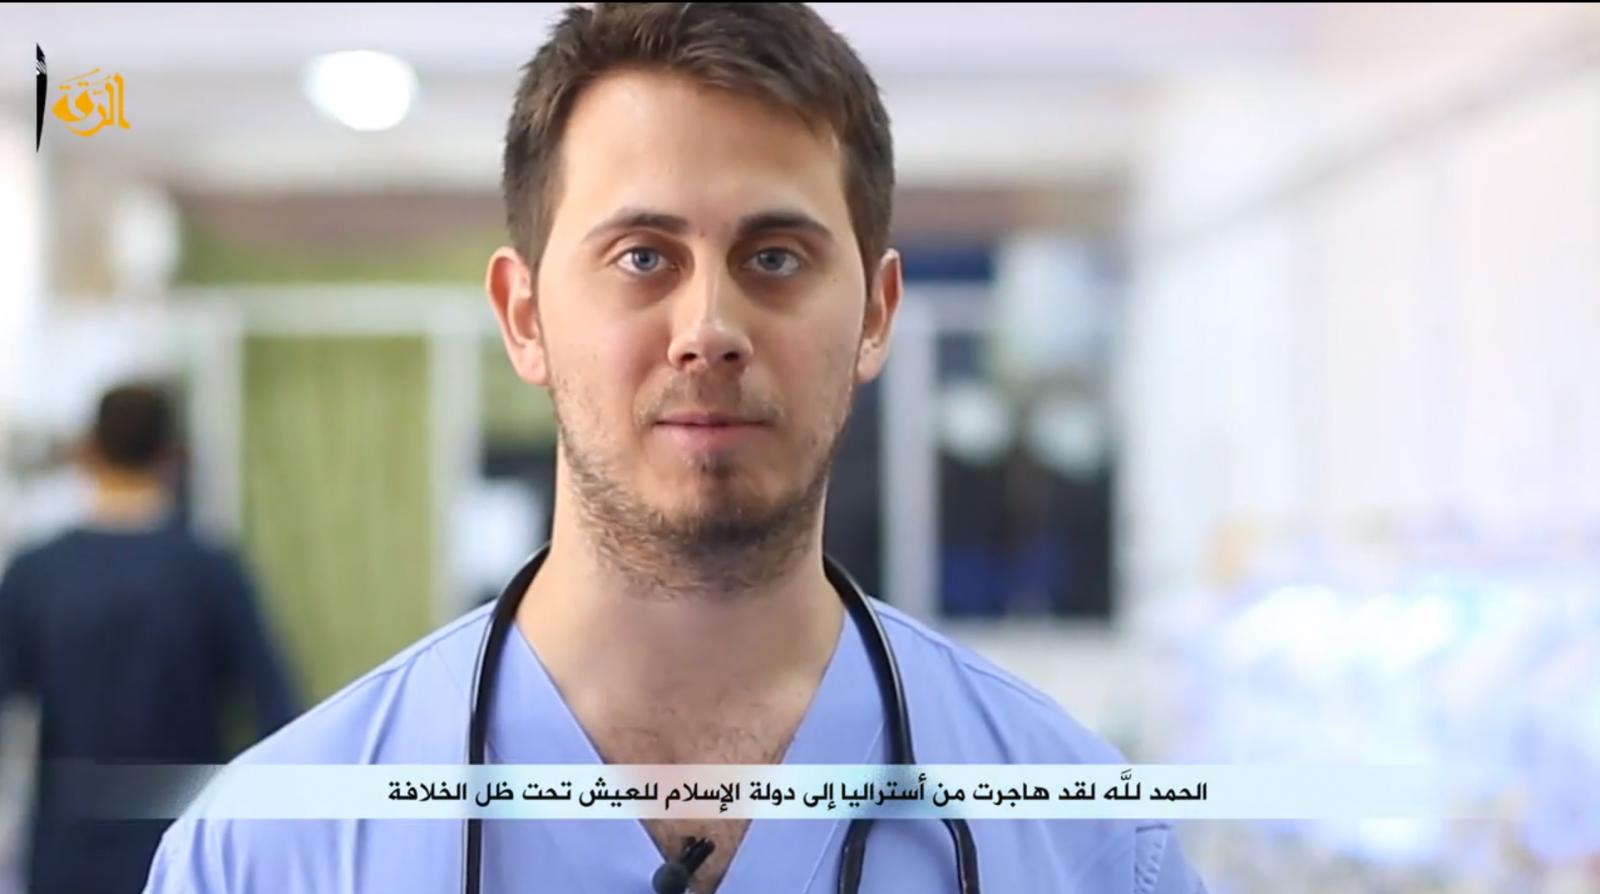 Australian doctor Tareq Kamleh